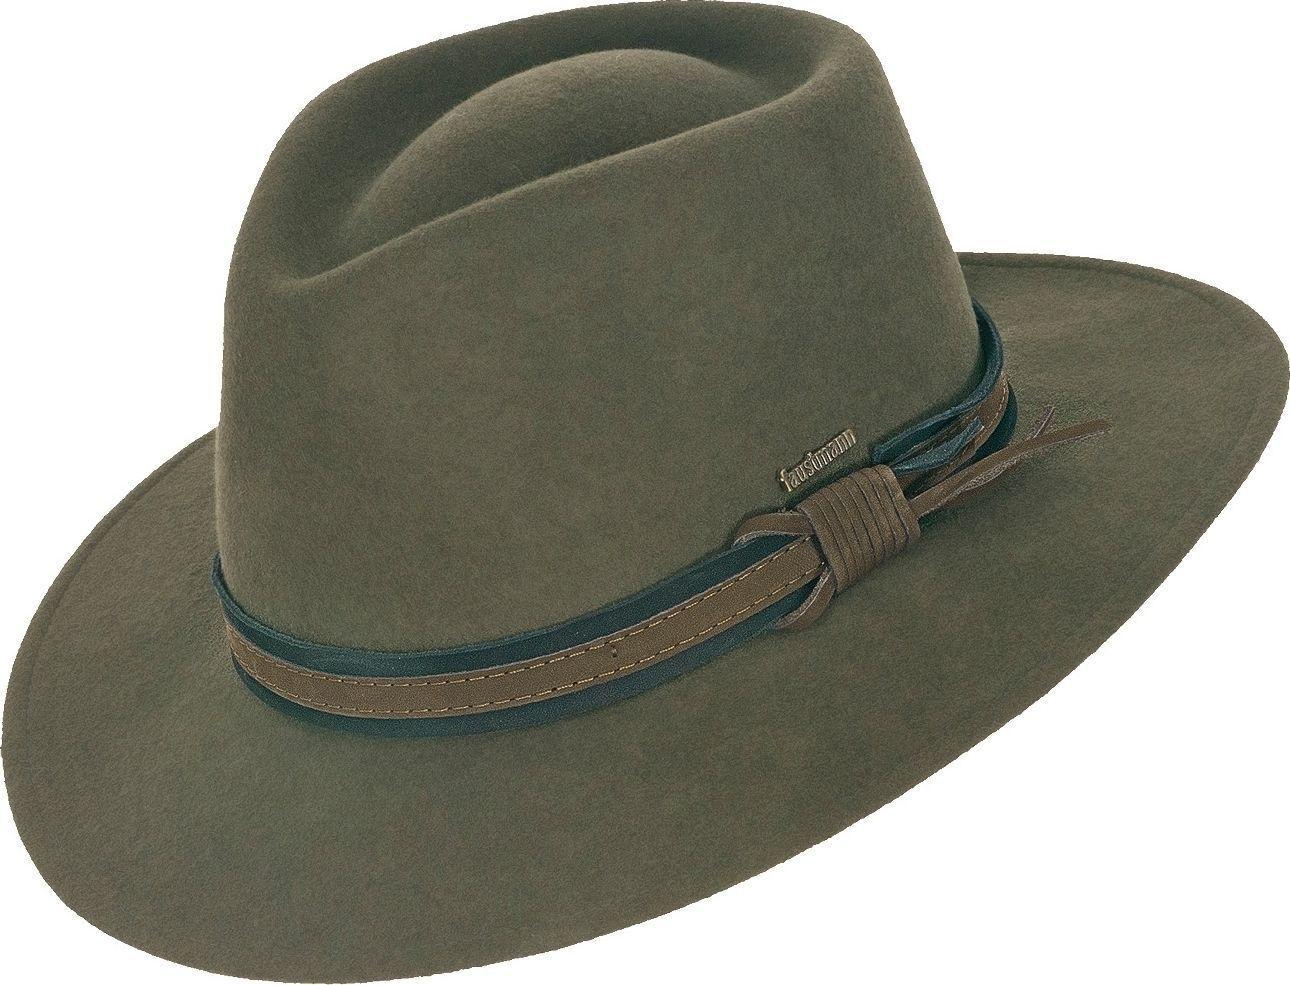 Outstrong Al aire librehut freizeithut  con 2-Coloradas colgante sombrero verde oliva  muchas sorpresas